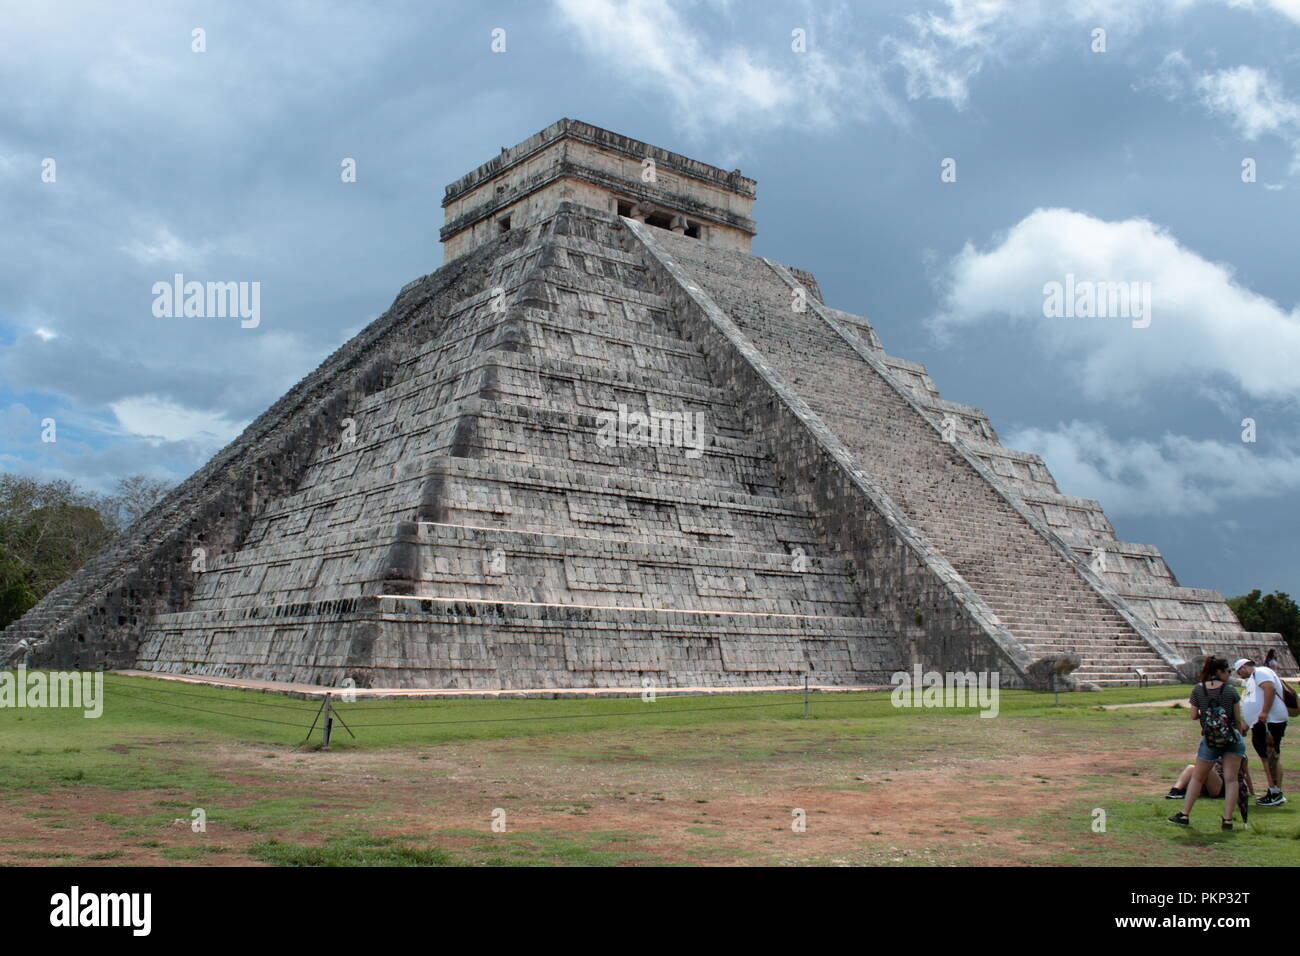 Sitio arqueológico de Chichén Itzá con su espléndida estructuras Imagen De Stock